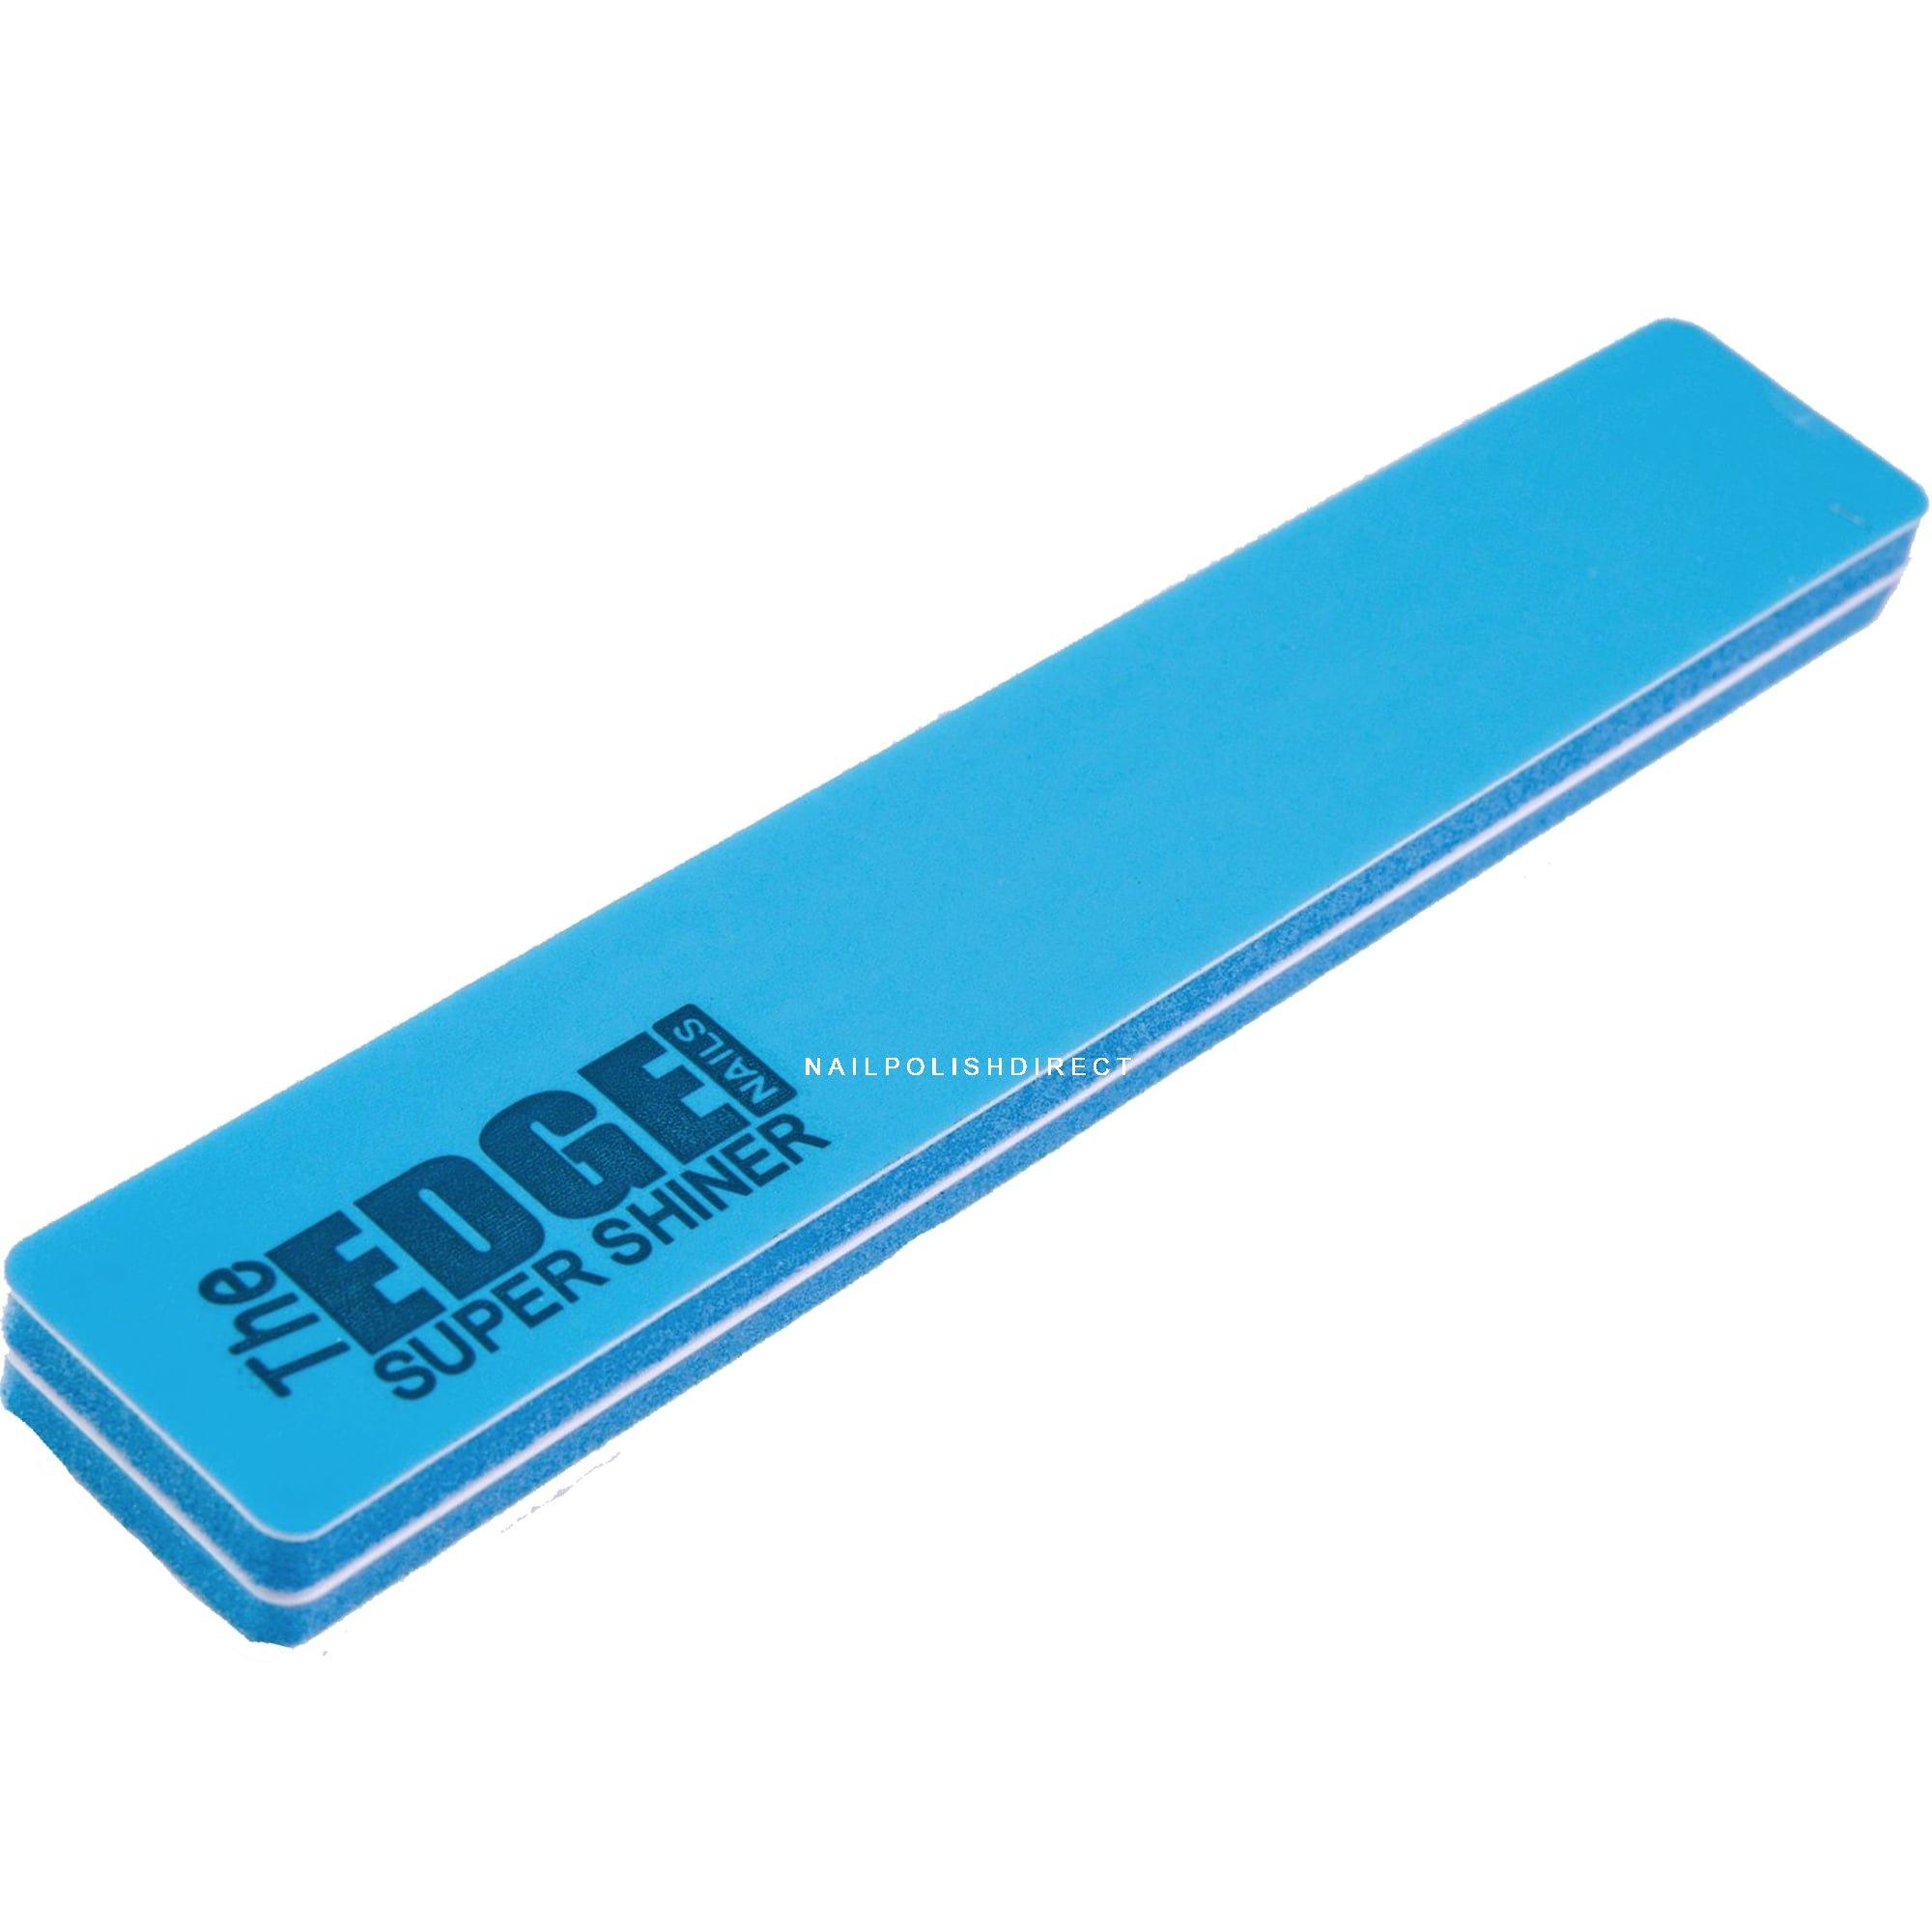 Edge Pro Nail Files & Buffers - Super Shiner - (BLUE)